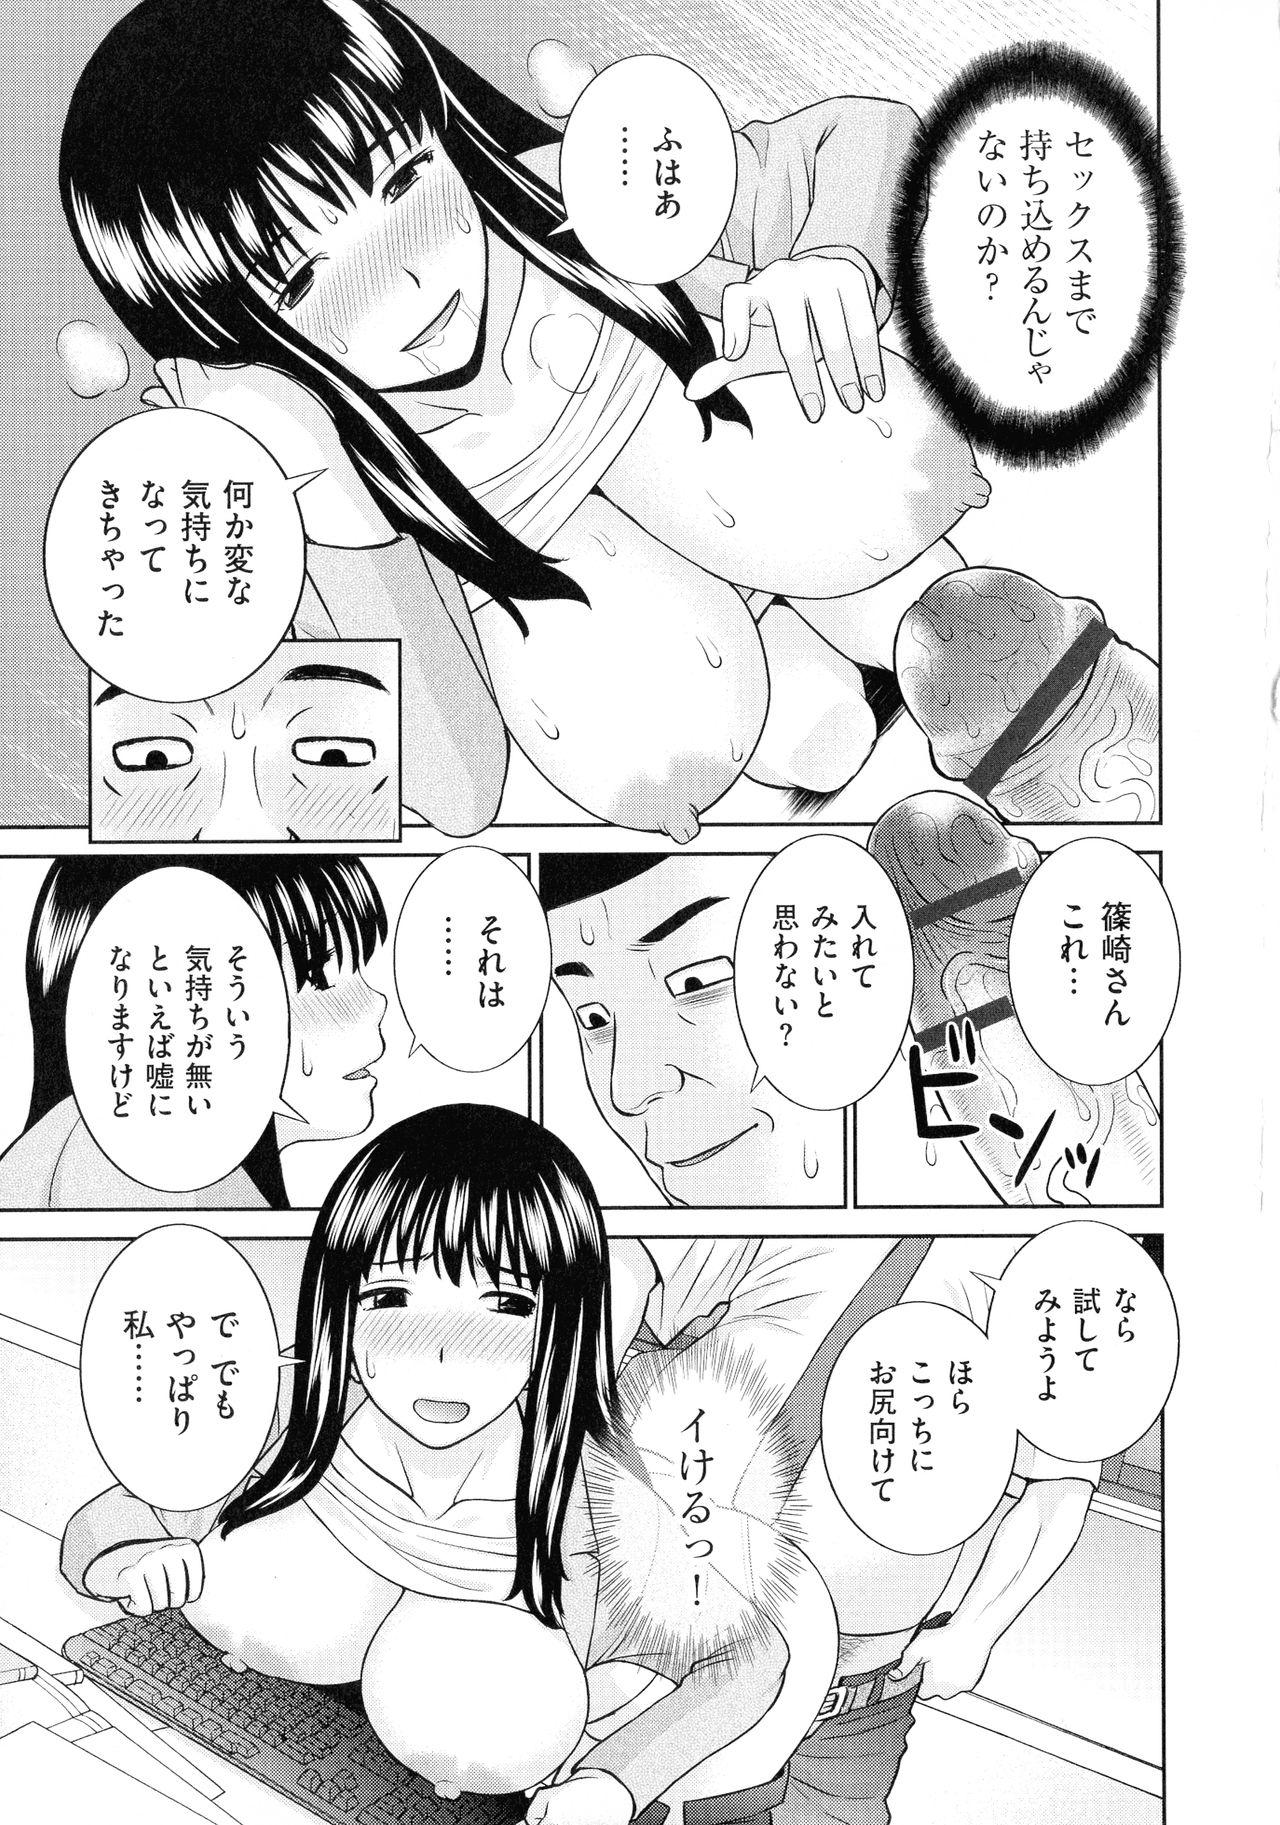 Tennen Torokeru Hatsujozuma 177